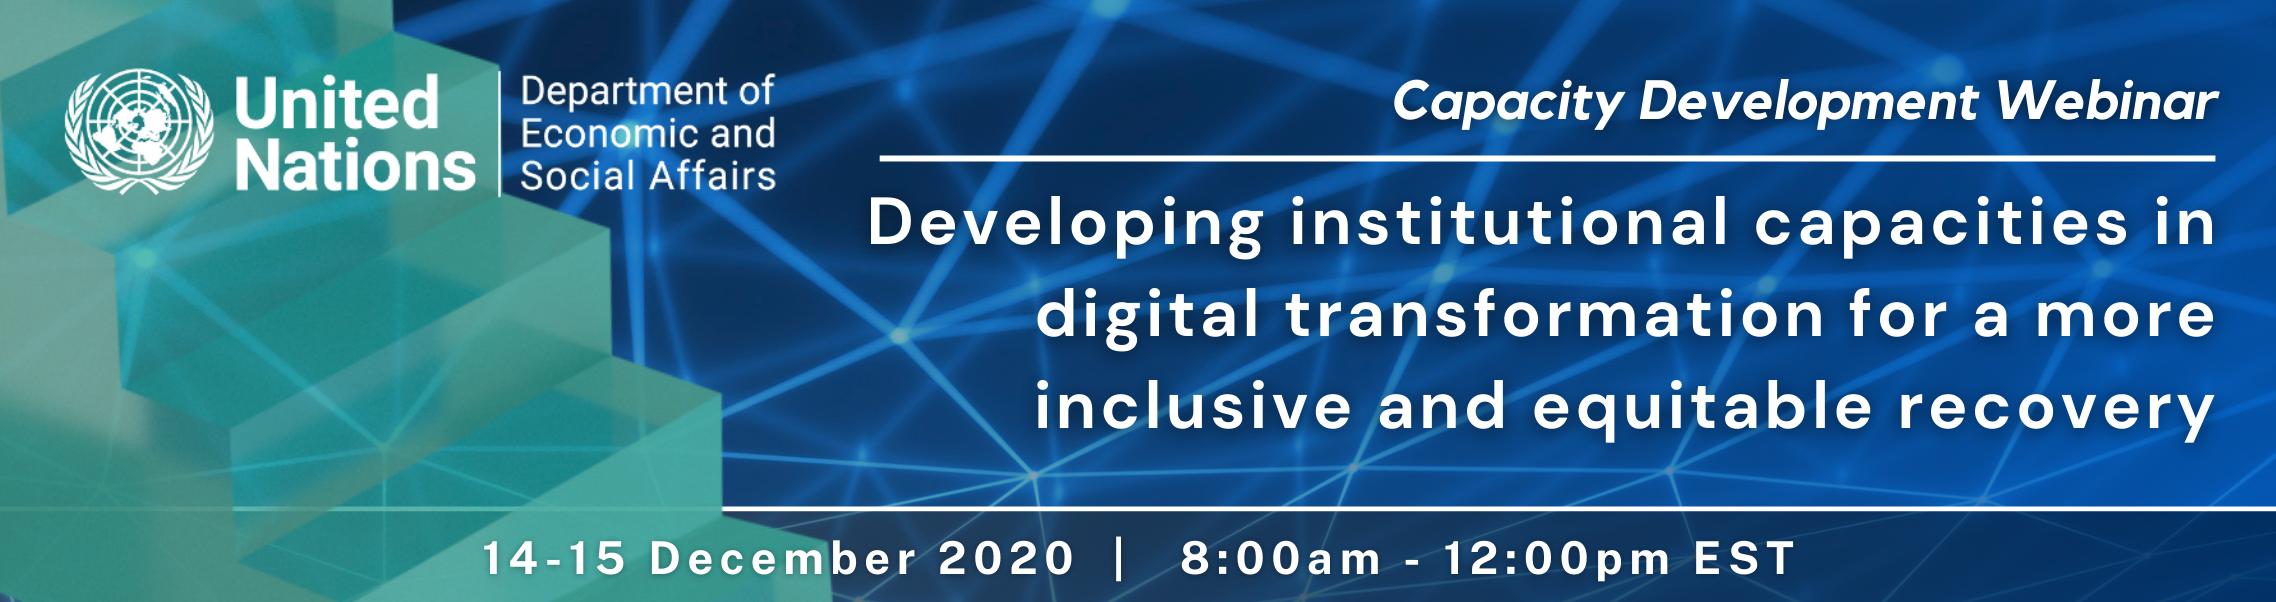 تطوير القدرات المؤسسية في مجال التحول الرقمي للوصول إلى مستوى أكبر من الشمولية والتعافي العادل